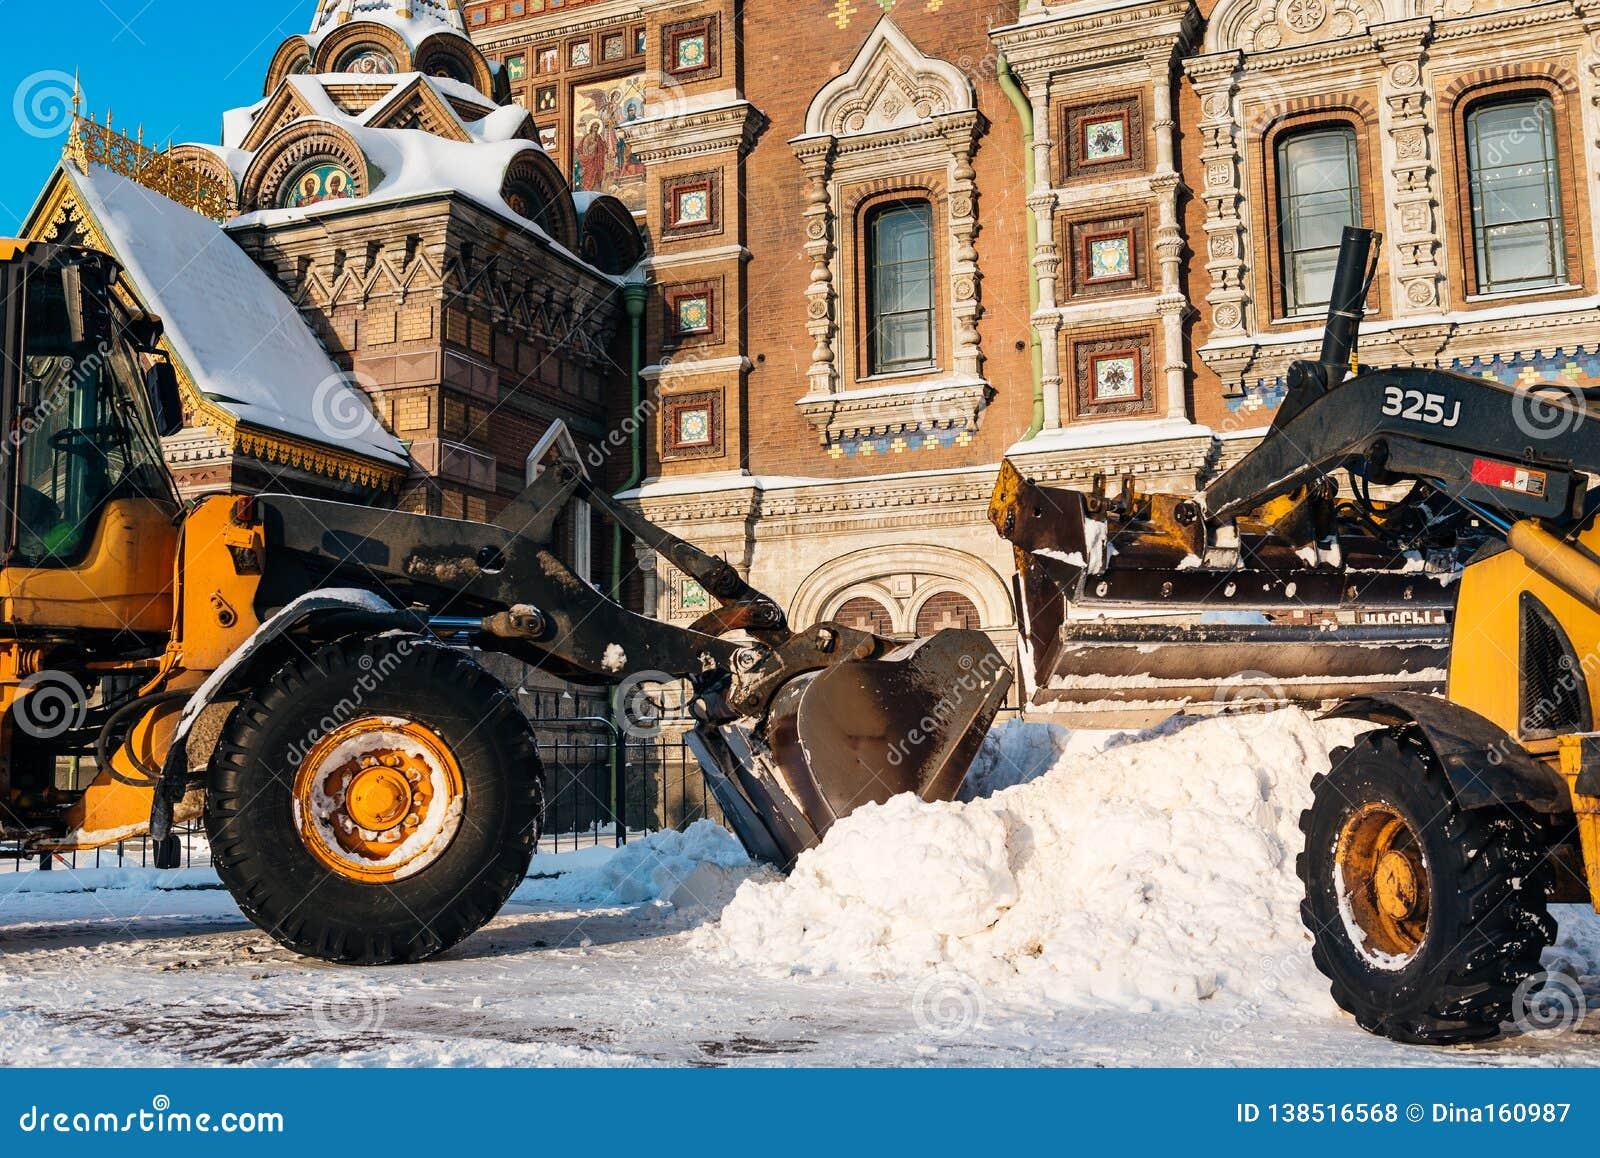 Корабль удаления снега извлекая снег Трактор освобождает путь после сильного снегопада в Санкт-Петербурге, России